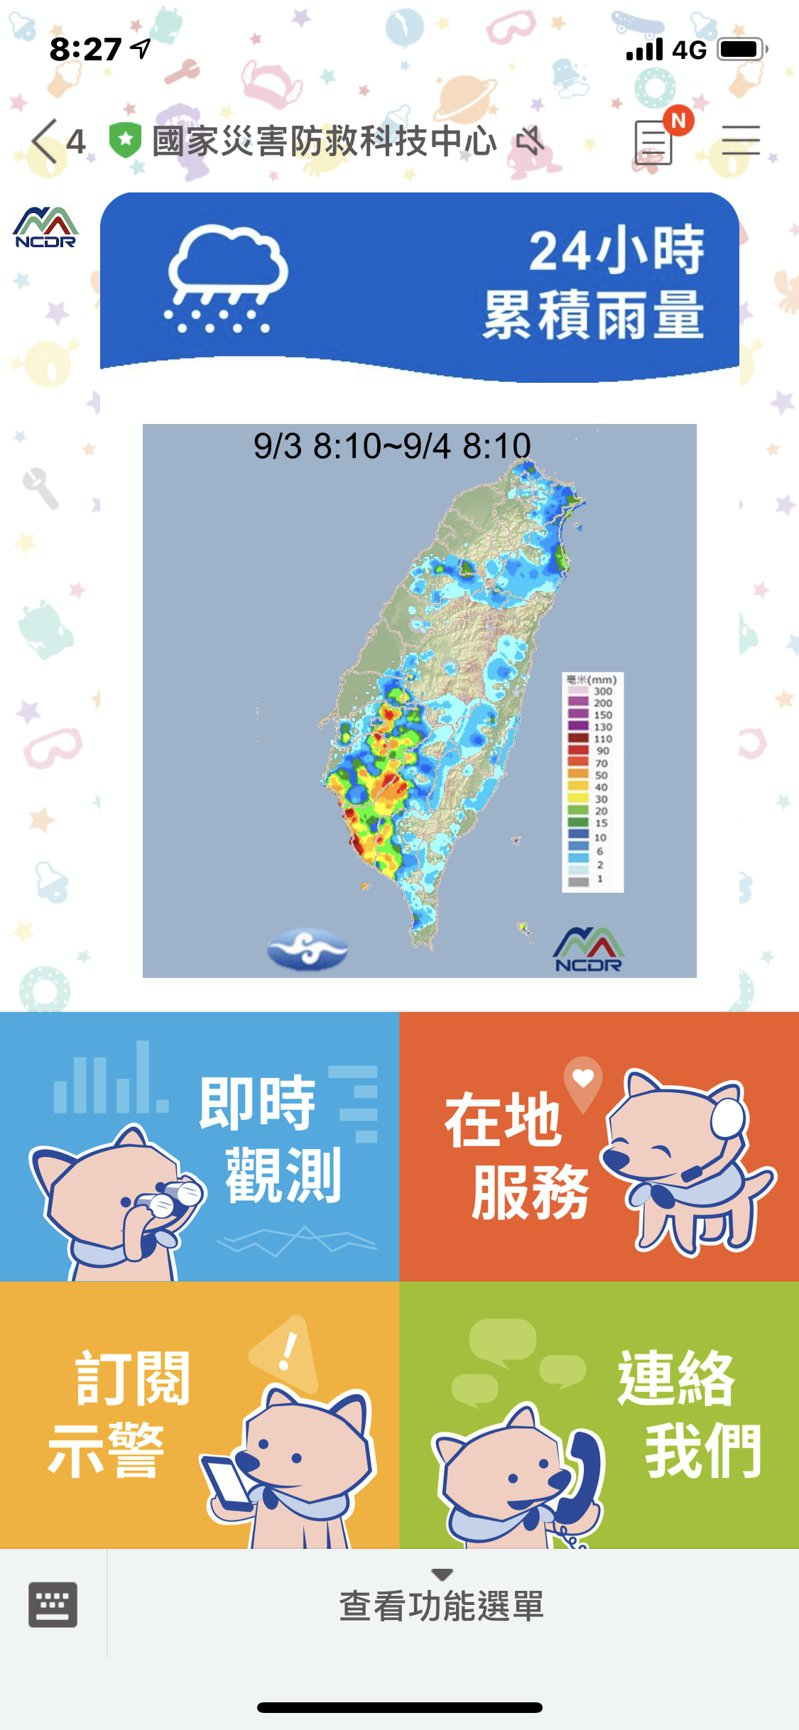 國家災害科技防救中心 官方LINE帳號提供最新防災資訊。圖/台南市政府提供